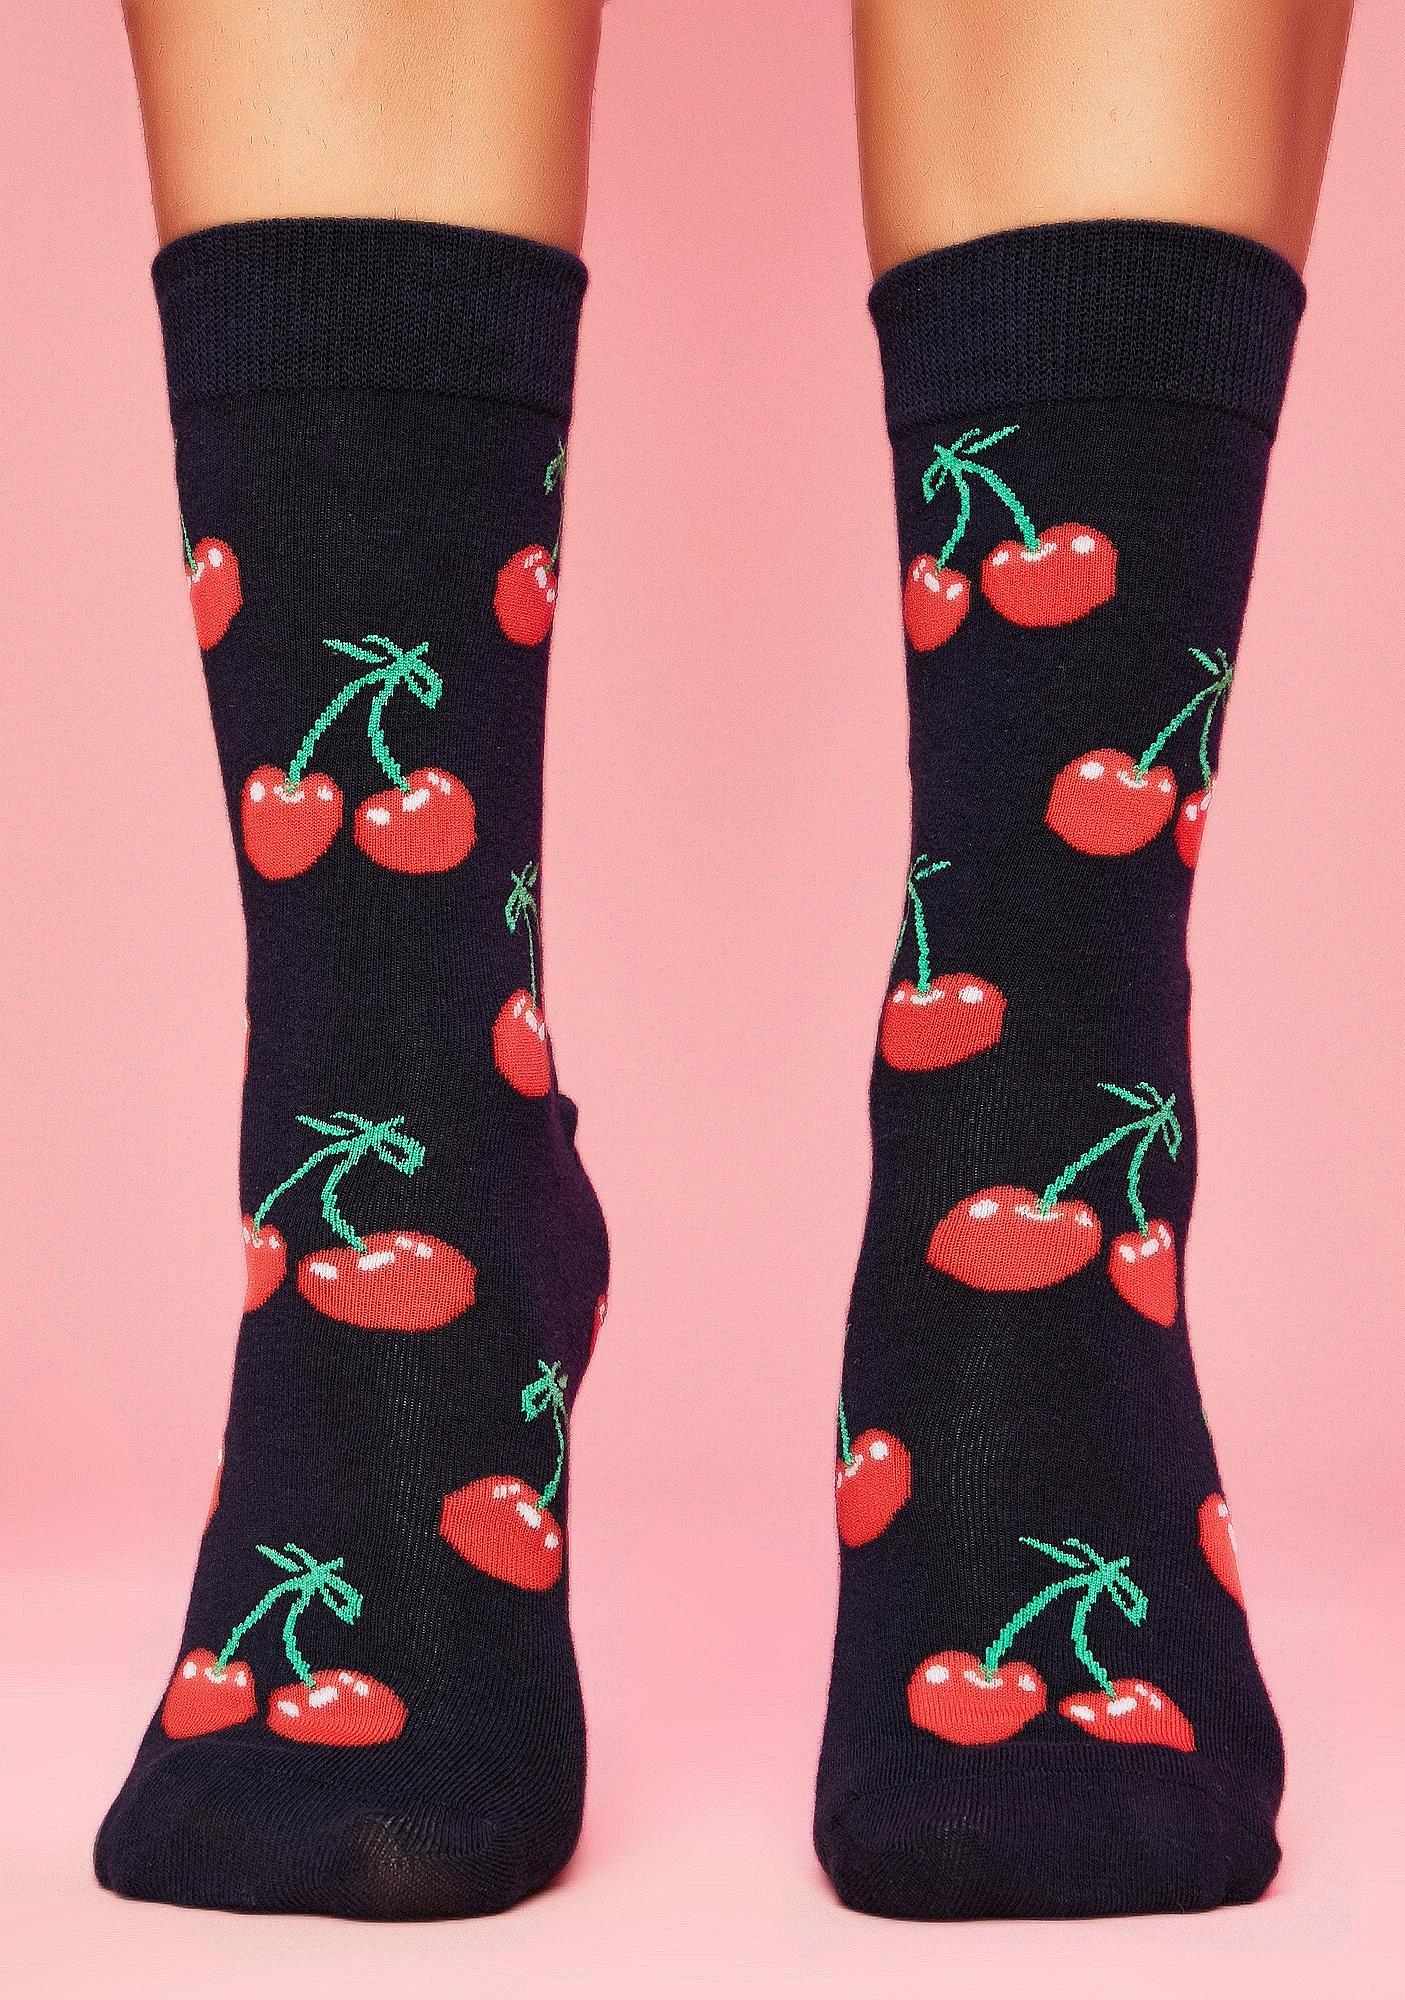 Mon Cherry Crew Socks